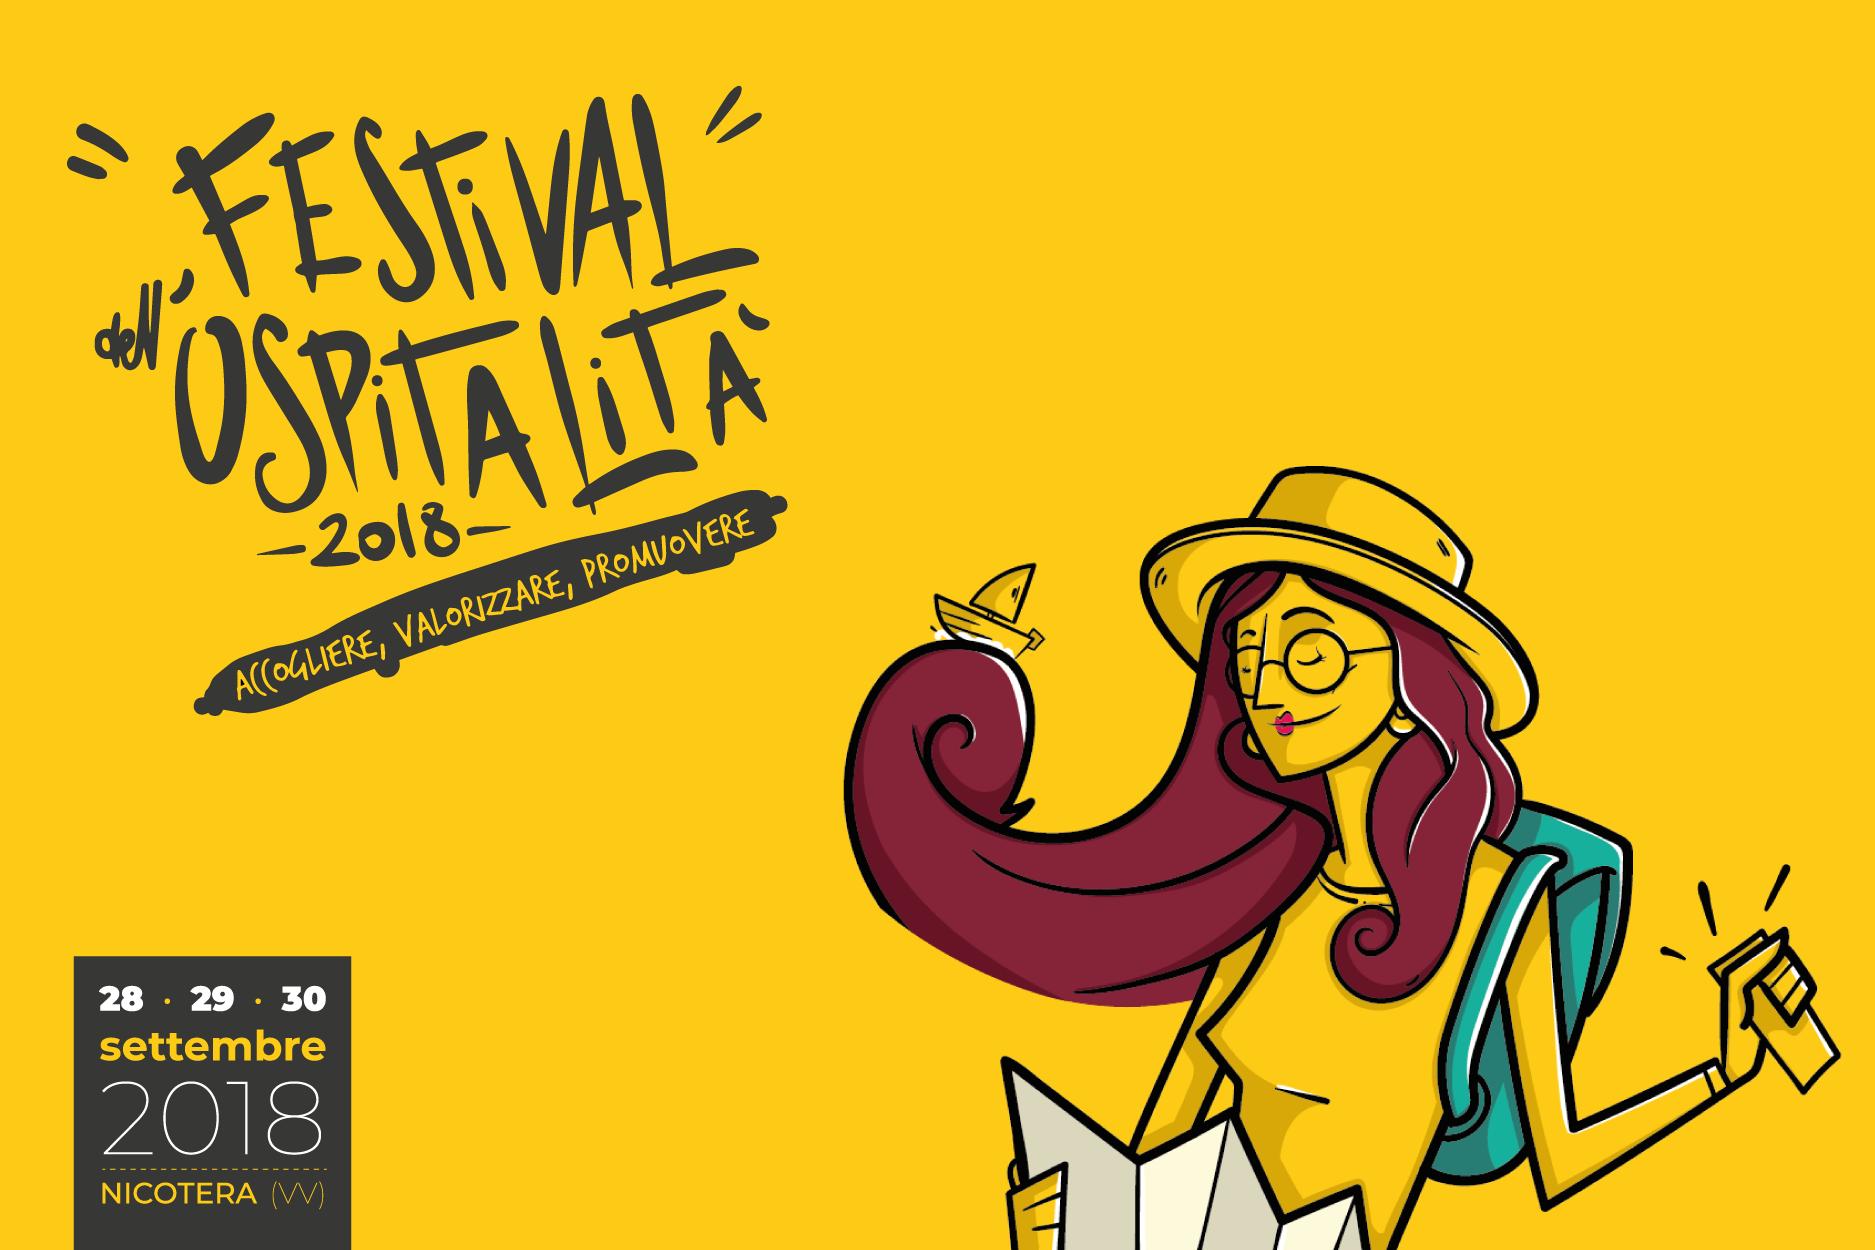 Festival Ospitalità Nicotera 2018